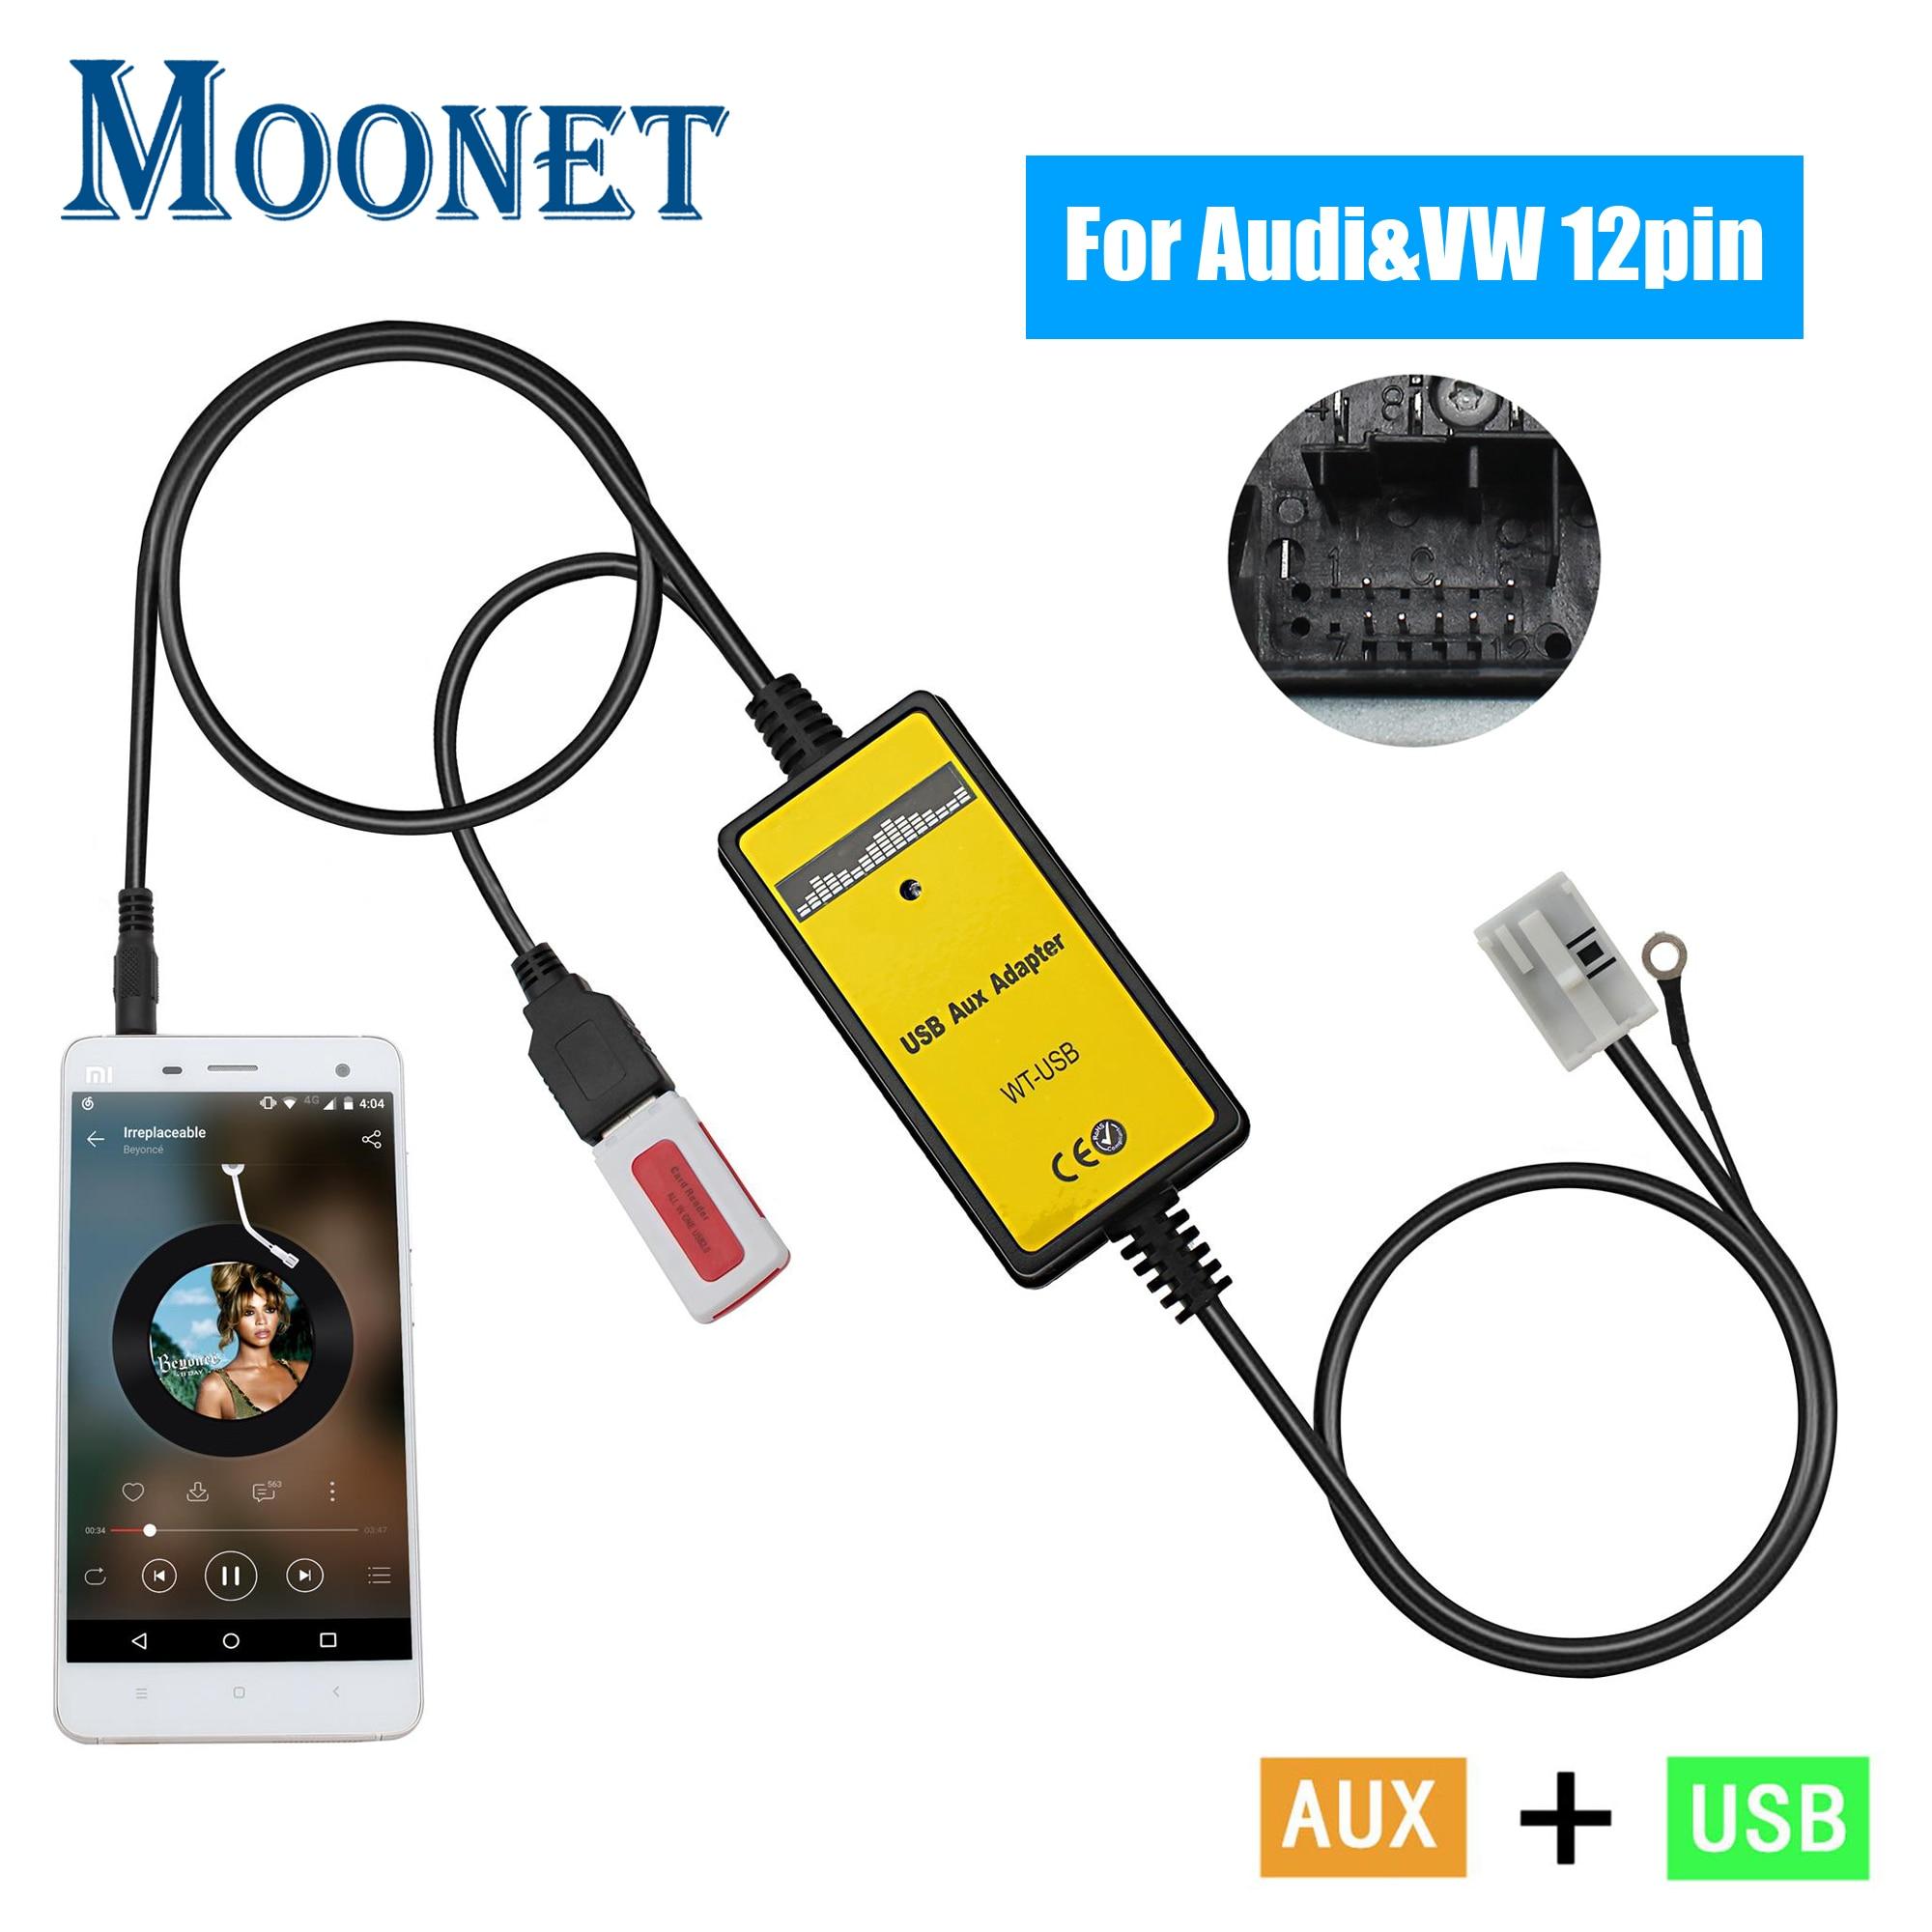 Адаптер Moonet для автомобильного аудио MP3 AUX 3,5 мм AUX USB-интерфейса СD-чейнджер для Audi Volkswagen Tiguan Touran T5 Golf Passat QX091